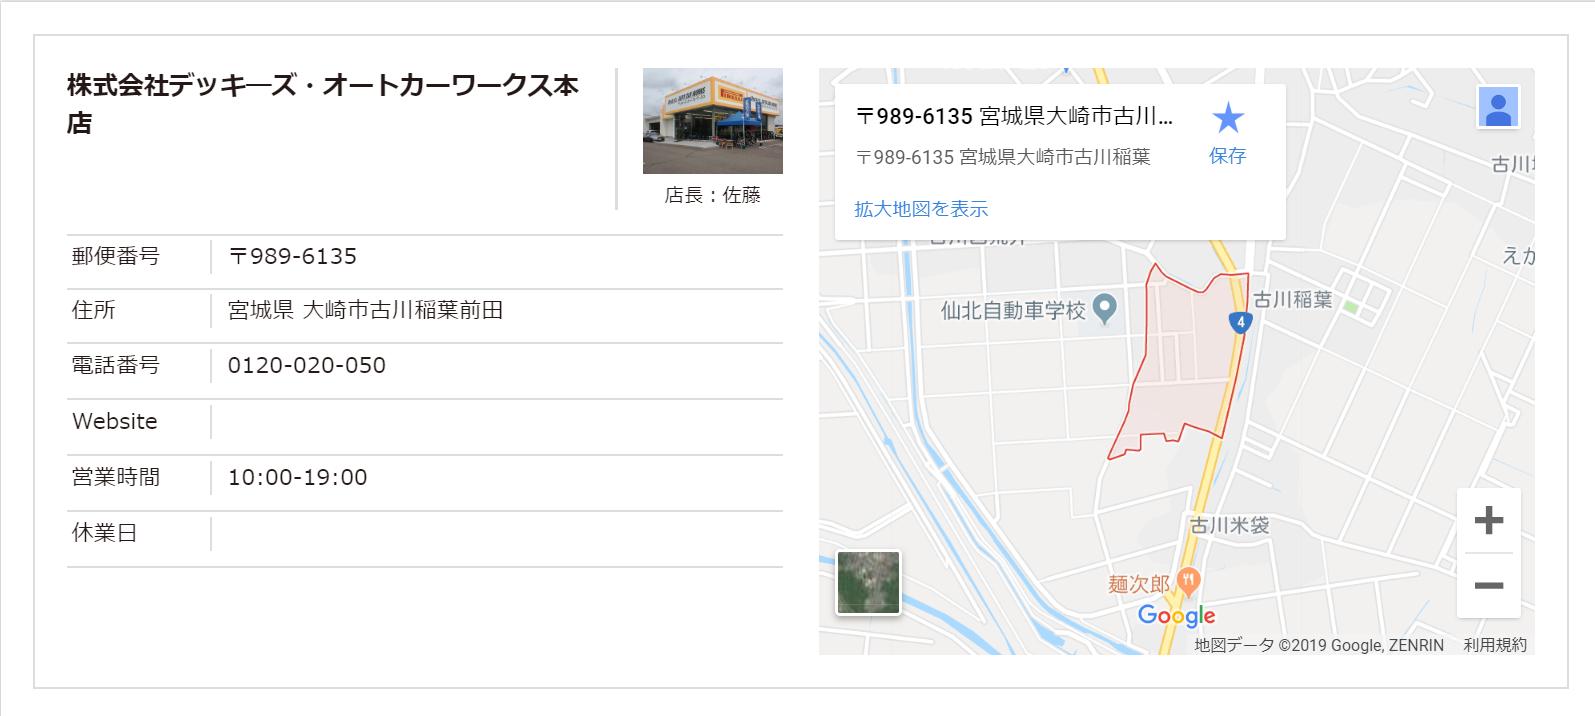 株式会社デッキ―ズ・オートカーワークス本店